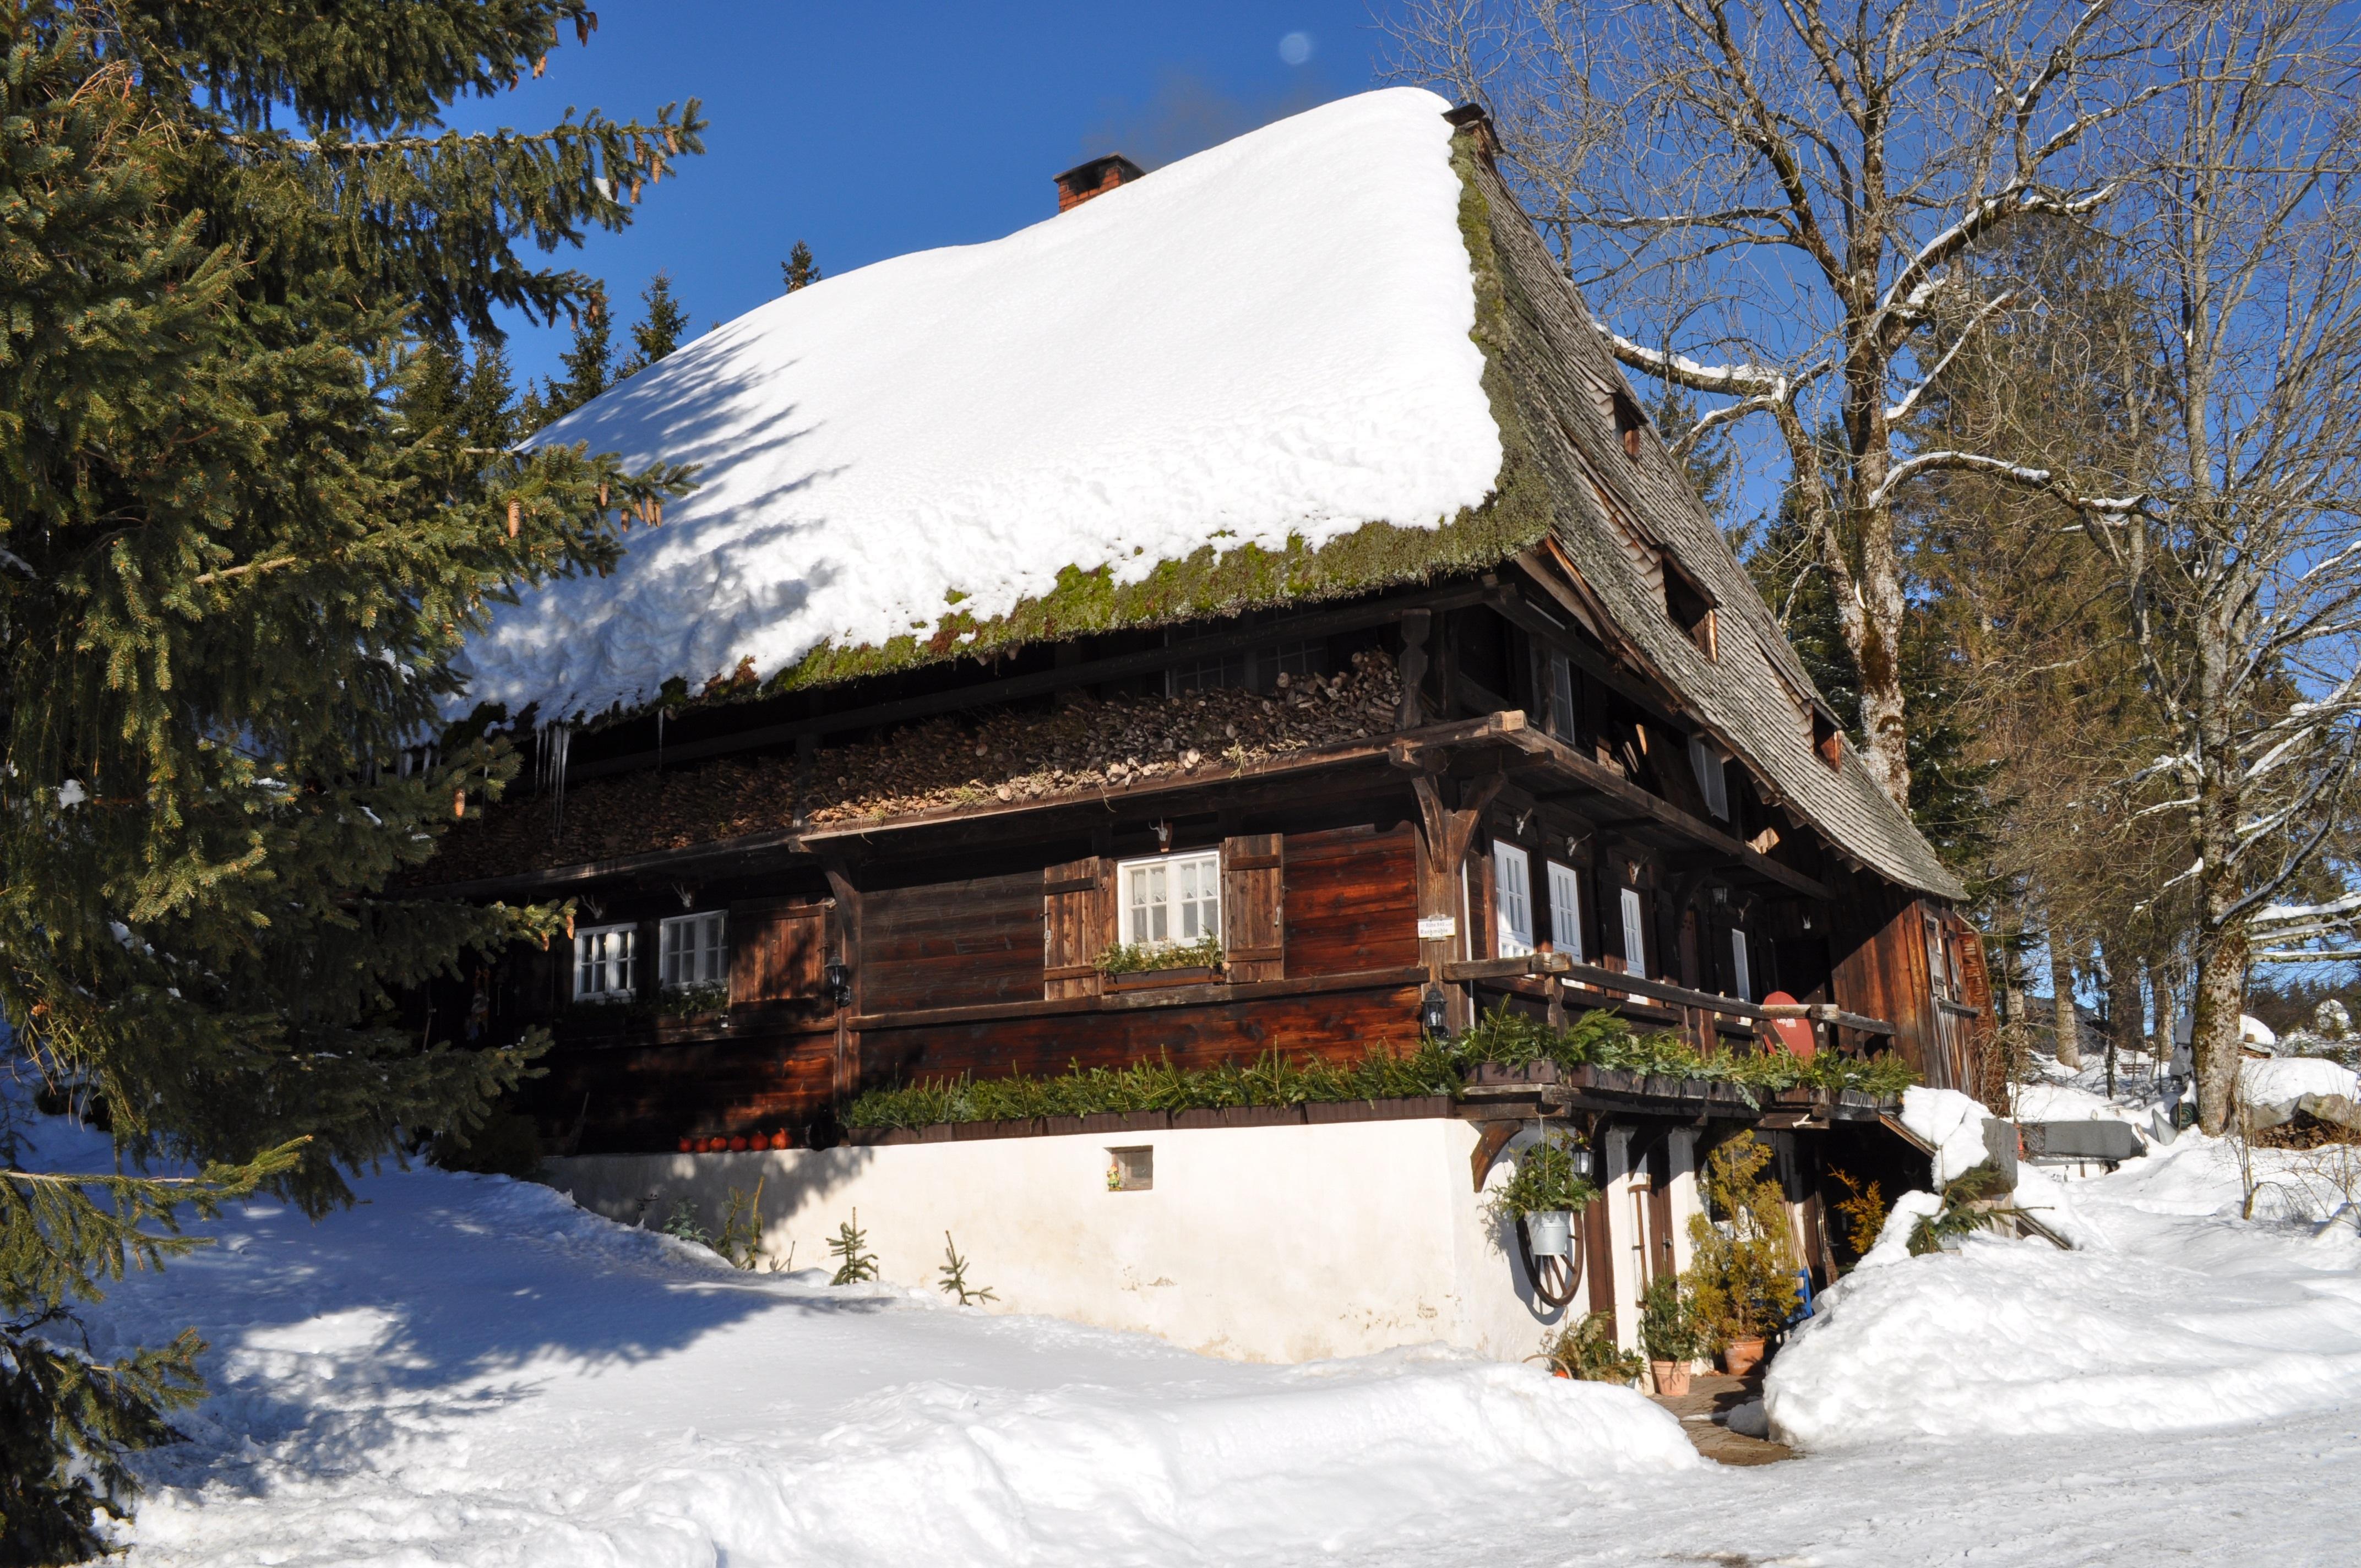 Fotos gratis rbol nieve invierno casa cordillera - Cabanas de madera en la nieve ...